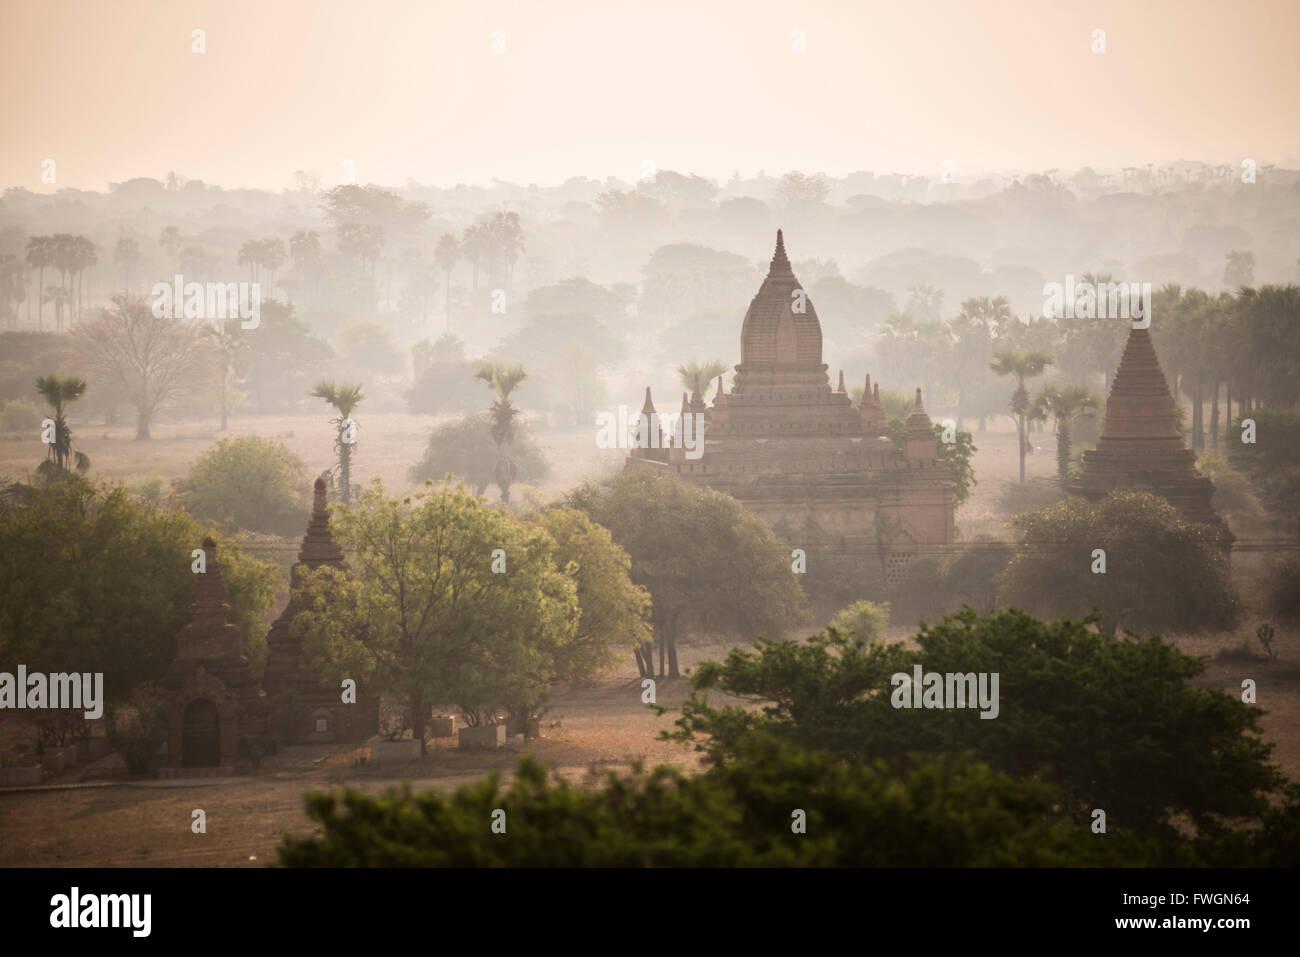 Sunrise at the Temples of Bagan (Pagan), Myanmar (Burma), Asia - Stock Image